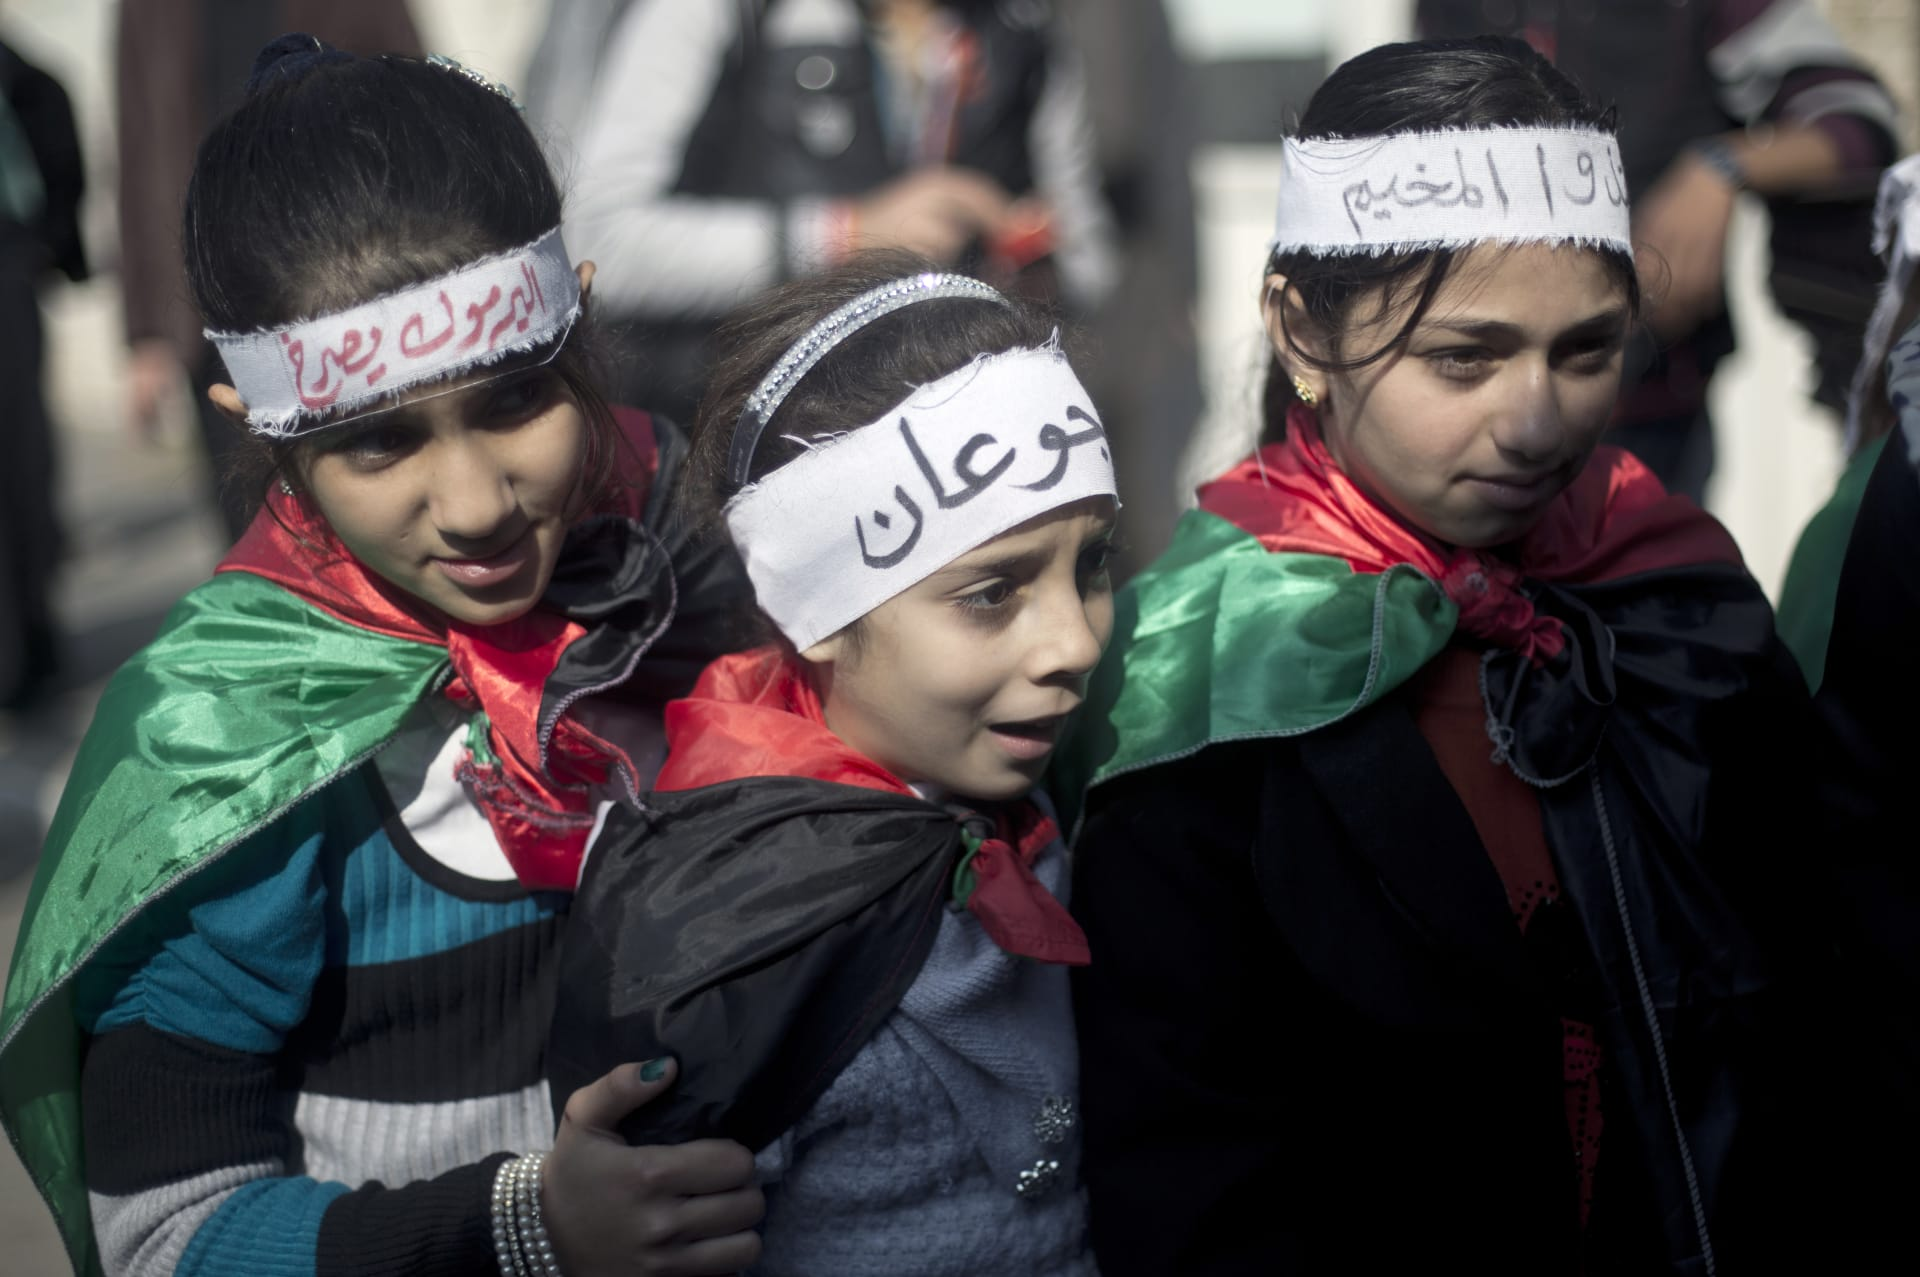 صحف: نكبة الفلسطينيين الثانية باليرموك وأزمة قمامة بتونس